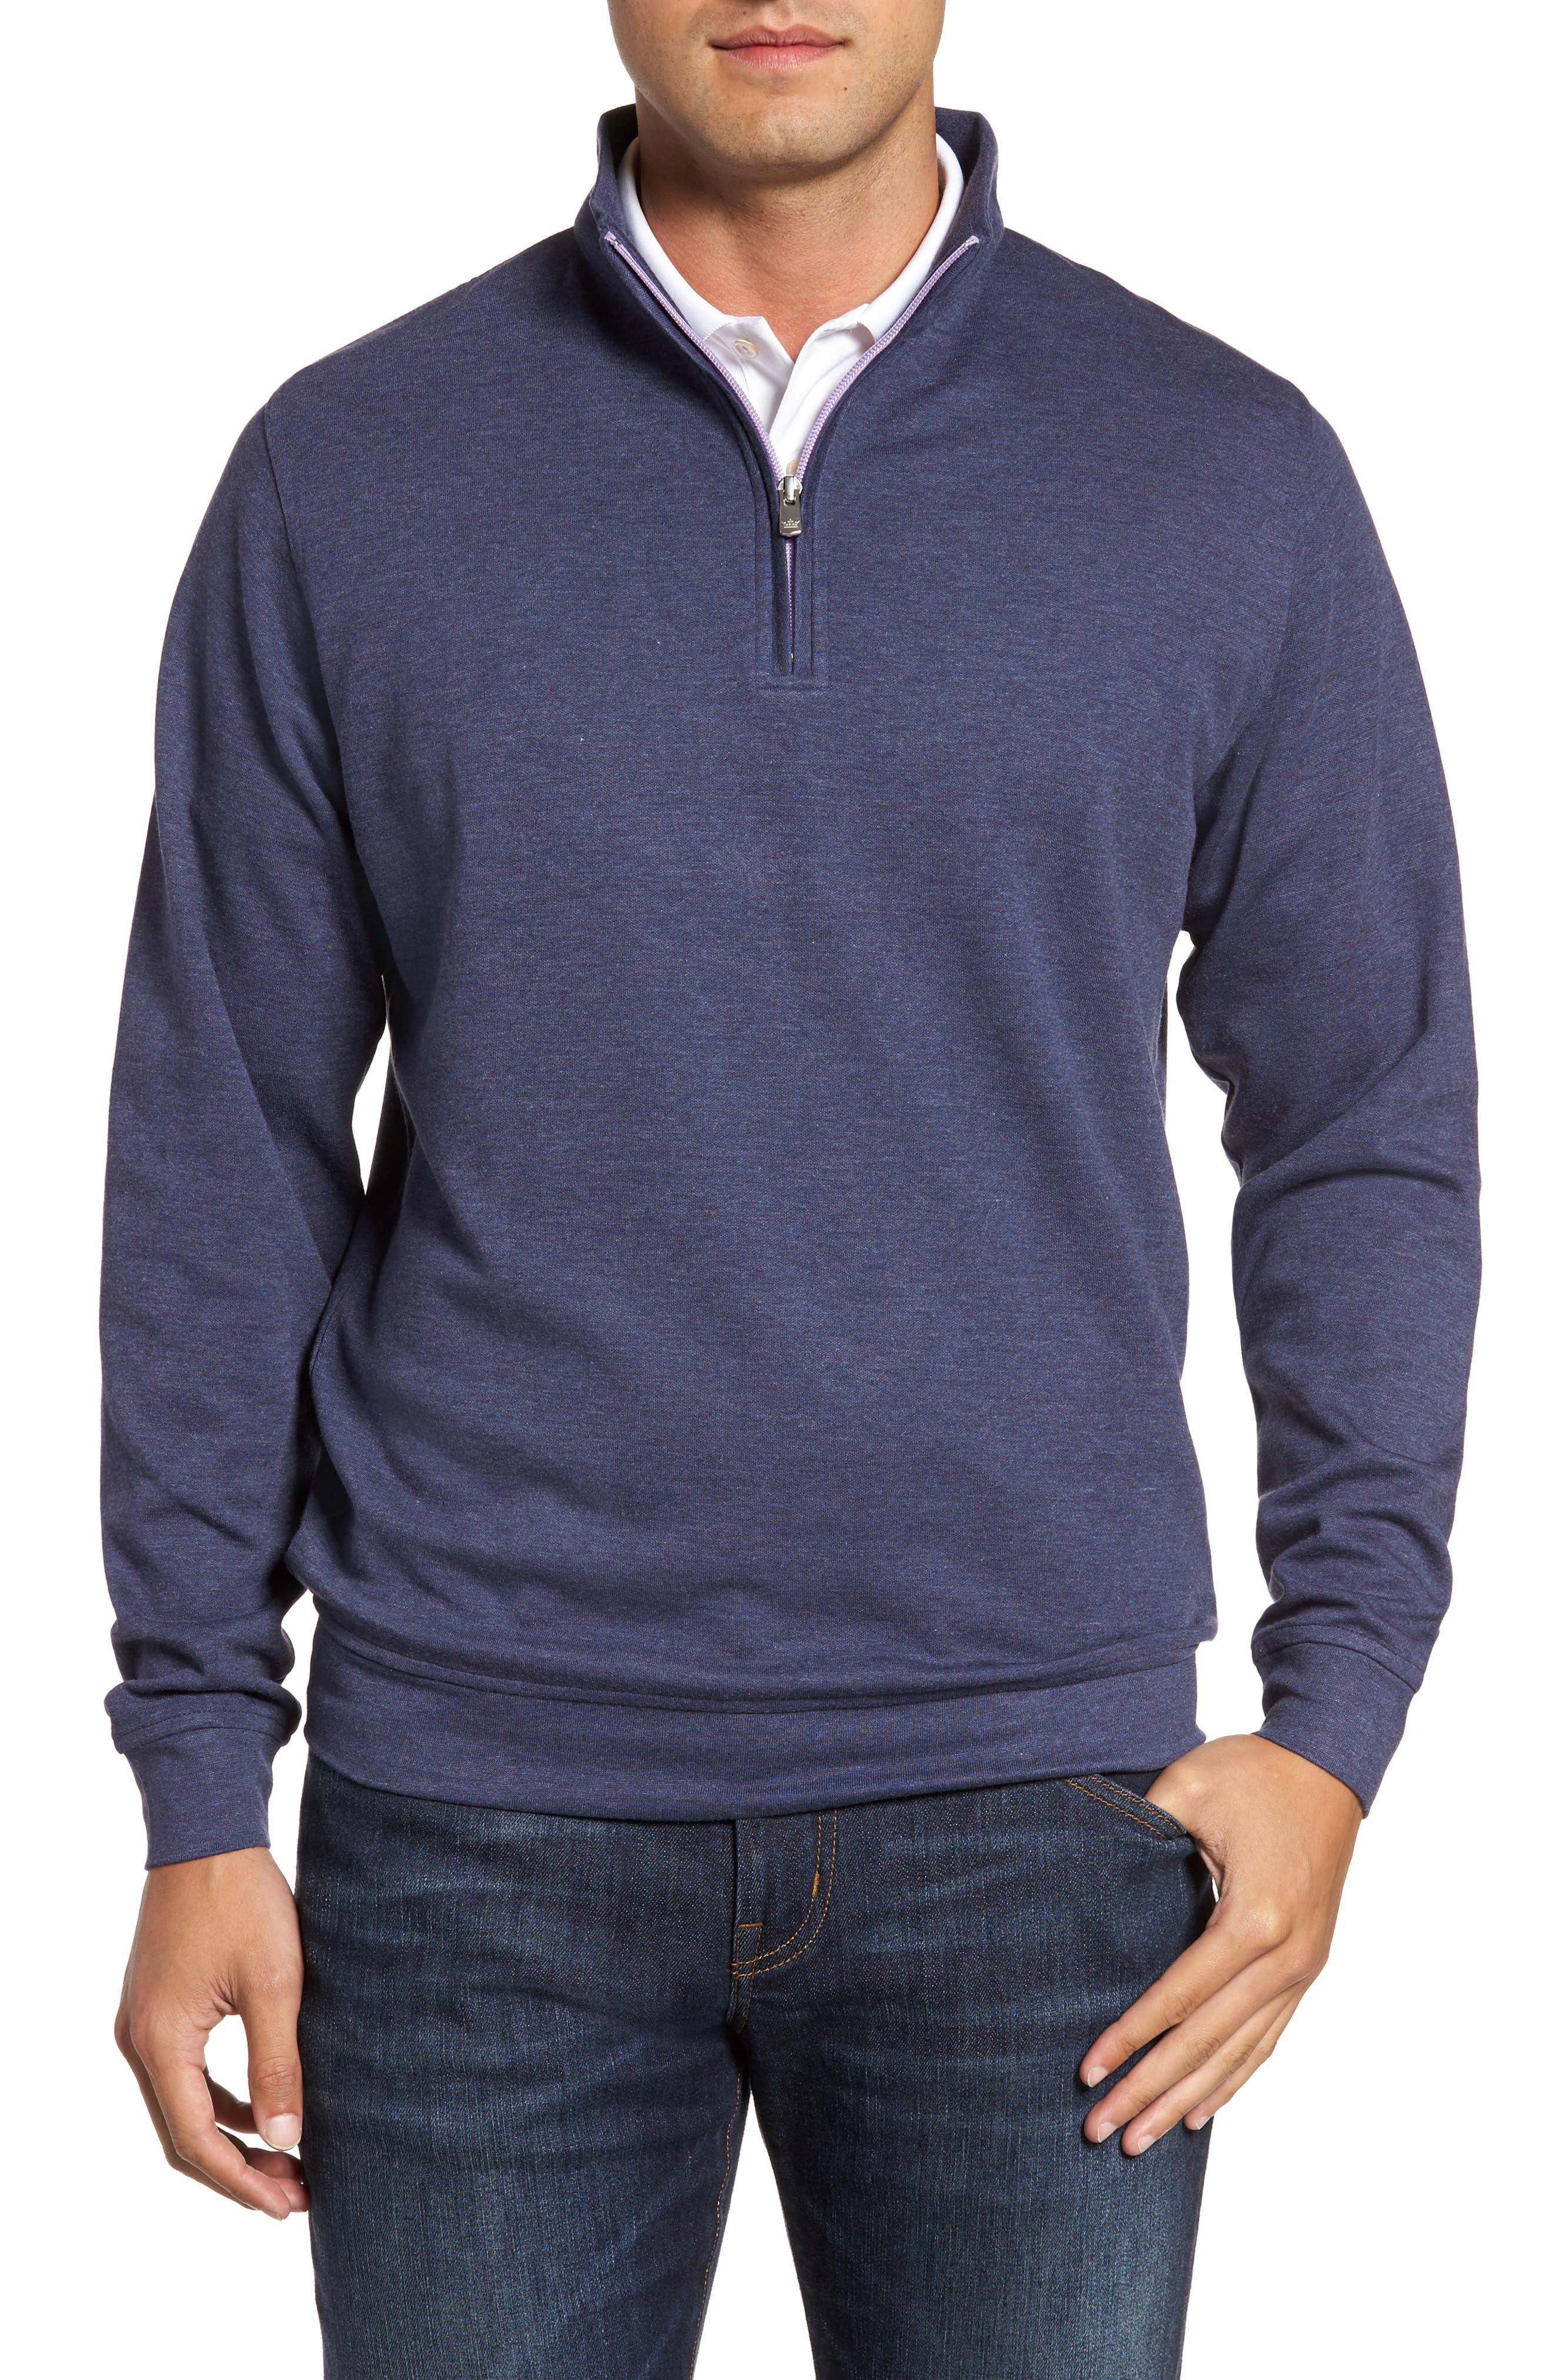 Main Image - Peter Millar Crown Comfort Jersey Quarter Zip Pullover